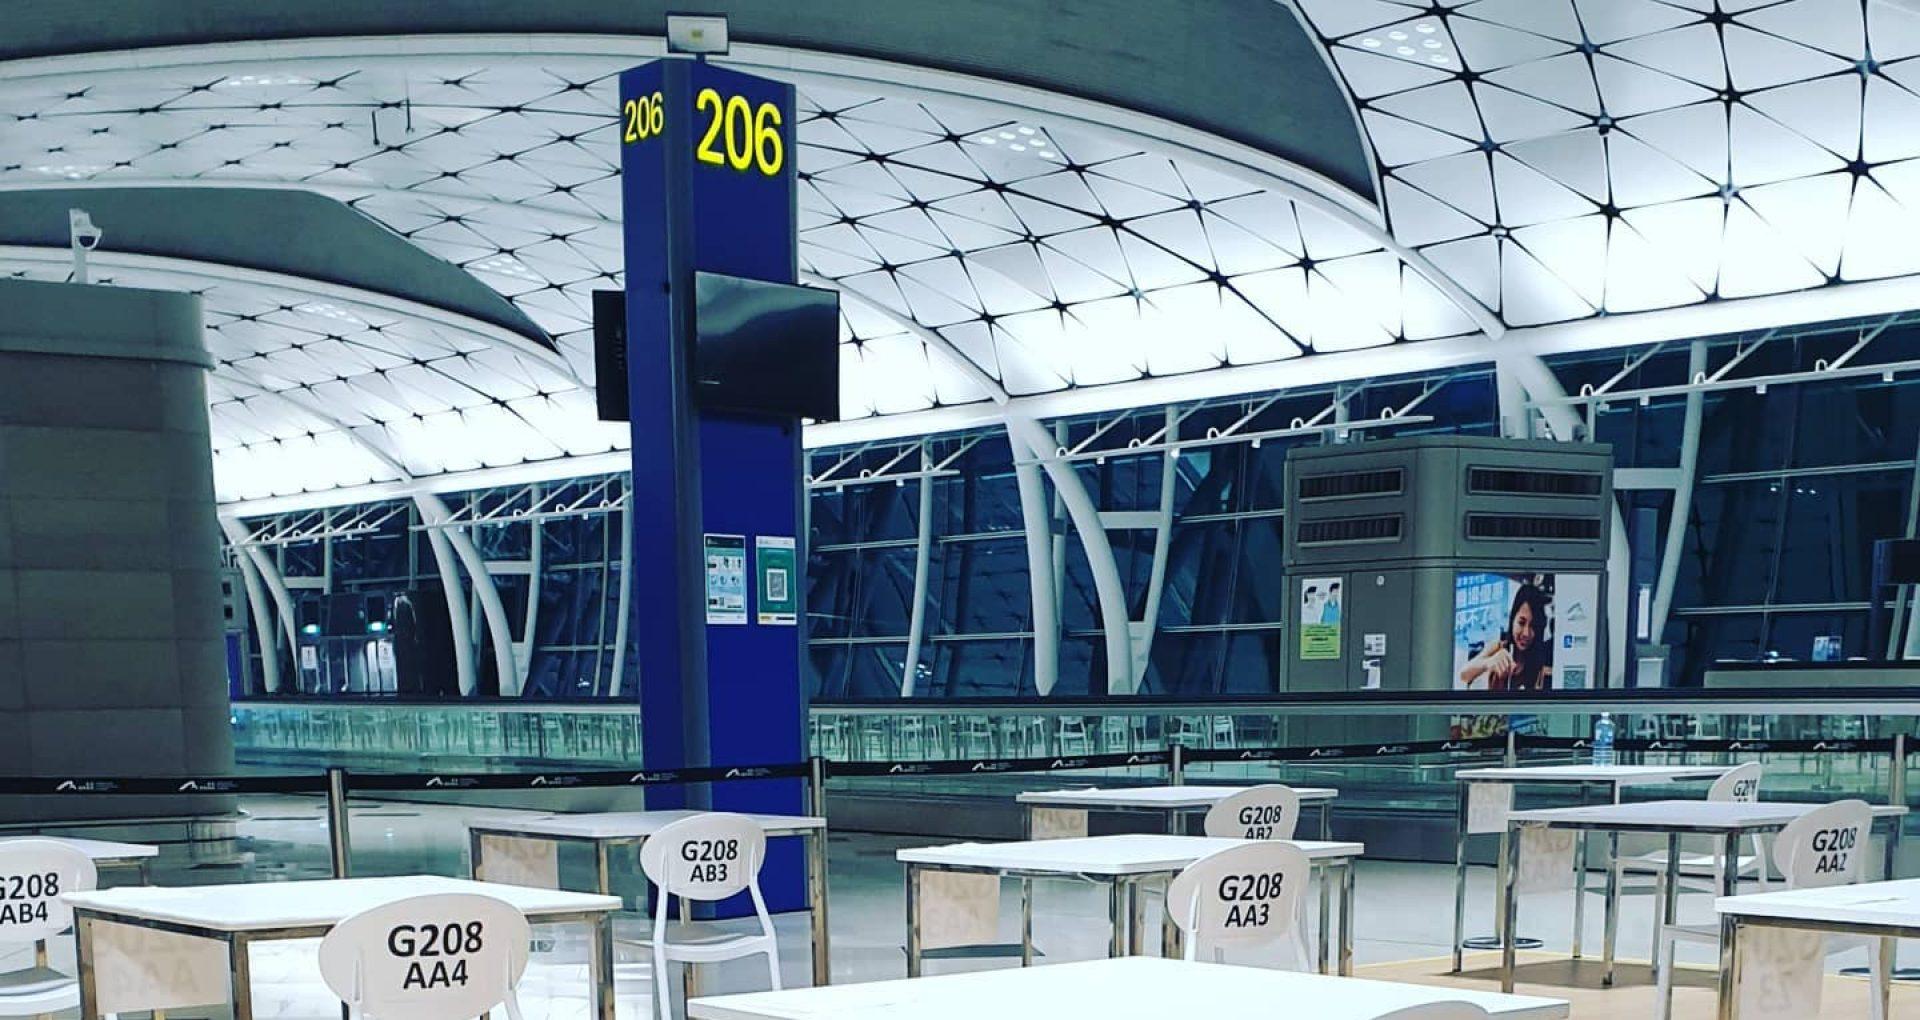 """Experiența unei moldovence ajunse în Hong Kong în timpul pandemiei: măsuri drastice în aeroport, tehnologii folosite inteligent și carantină de 21 de zile într-un """"hotel Covid"""""""